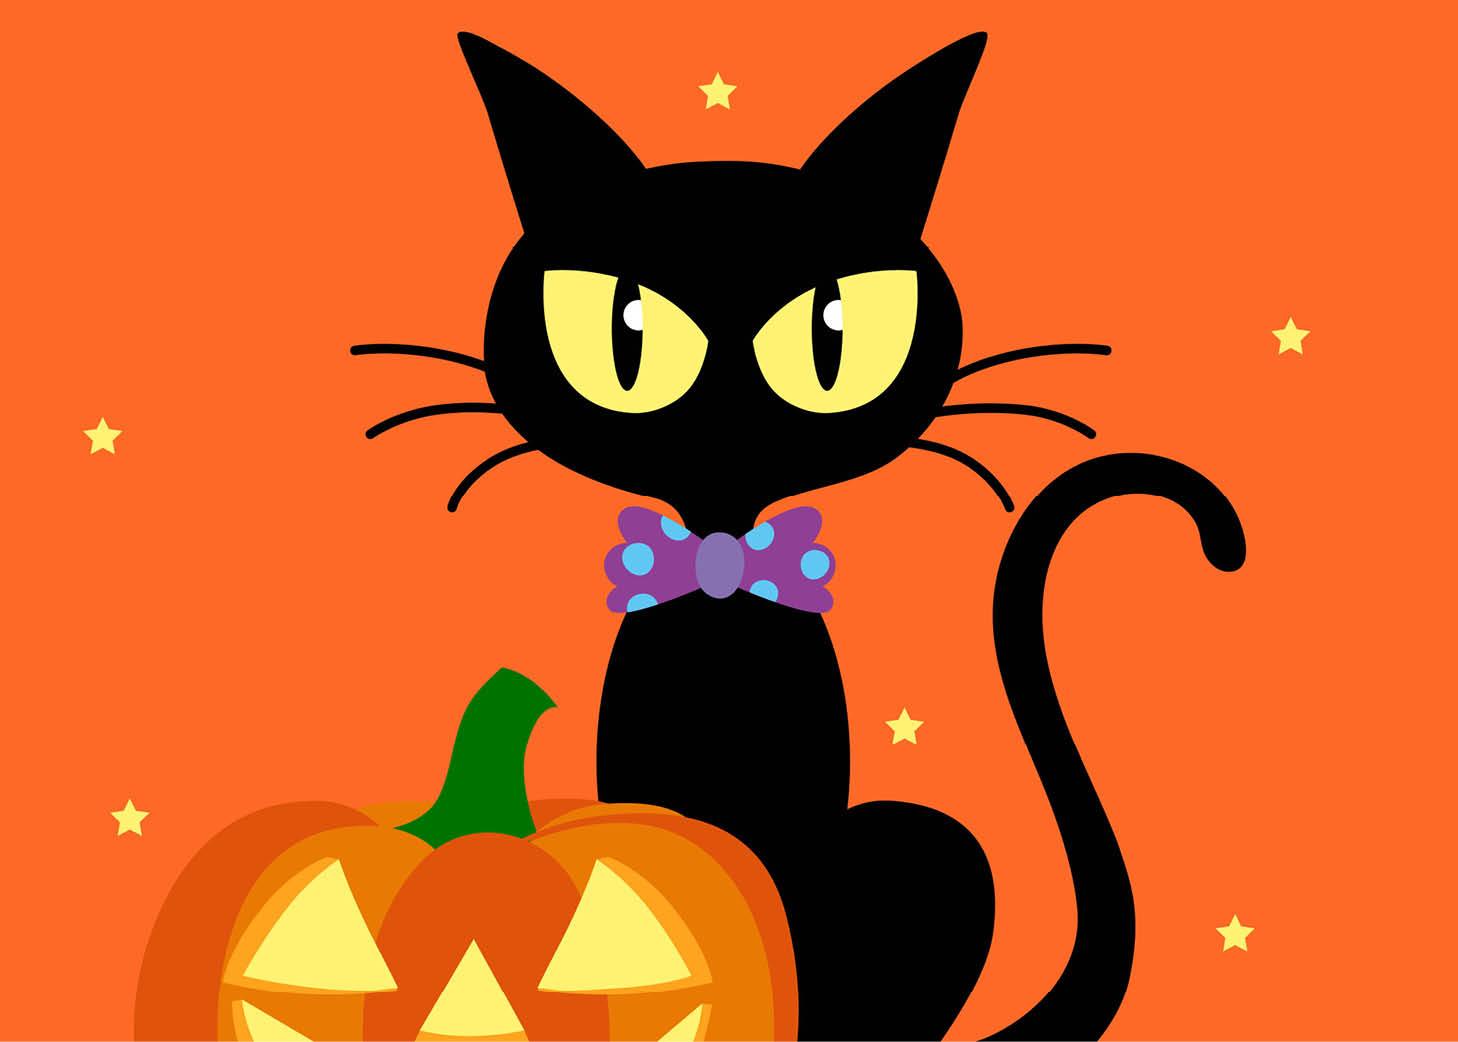 Хеллоуин для детей - изображение